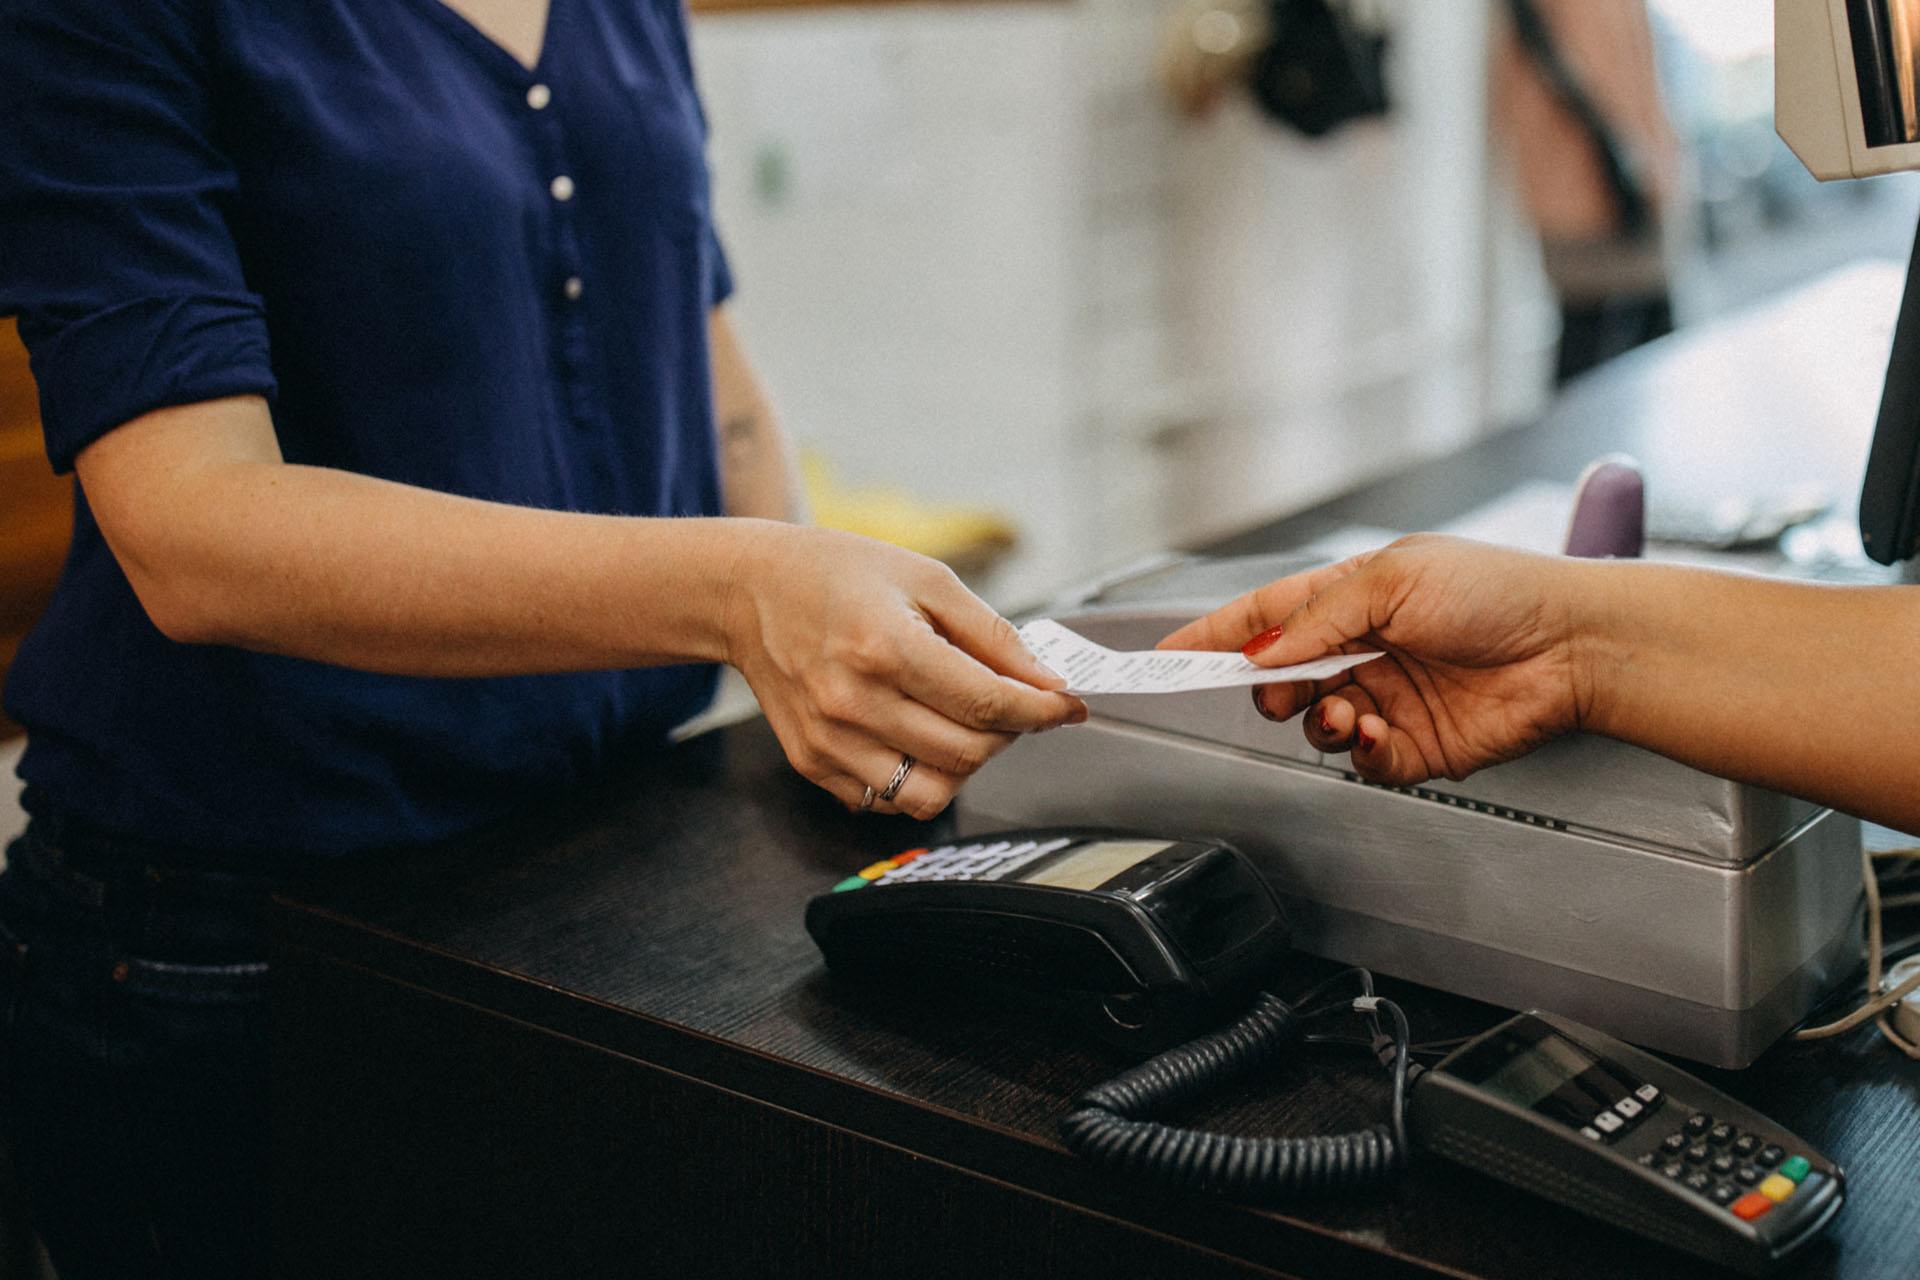 Einfache und gesetzeskonforme Lösungen für den Kassenhändler